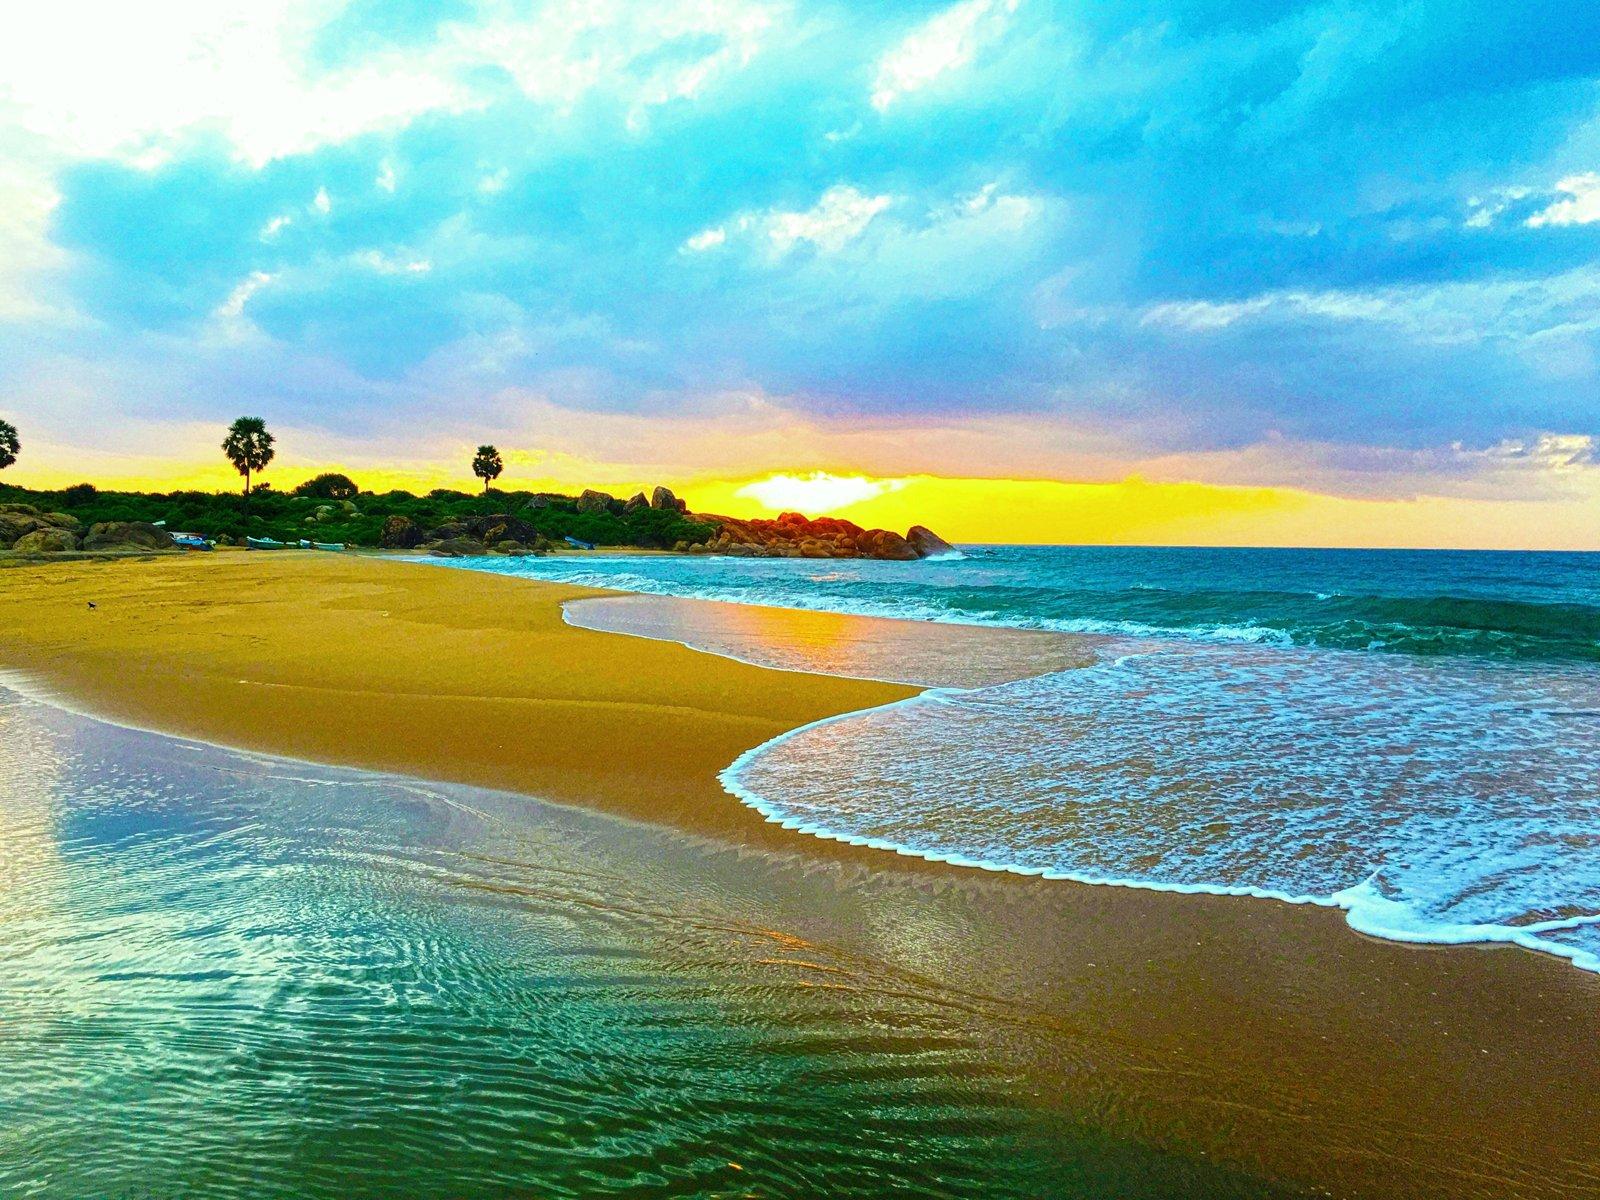 Trên đây là top những hình ảnh về biển đẹp nhất trên thế giới được ghi lại bởi nhiều nhiếp ảnh gia chuyên nghiệp. Chất lượng hình ảnh HD sắc nét sẽ ...